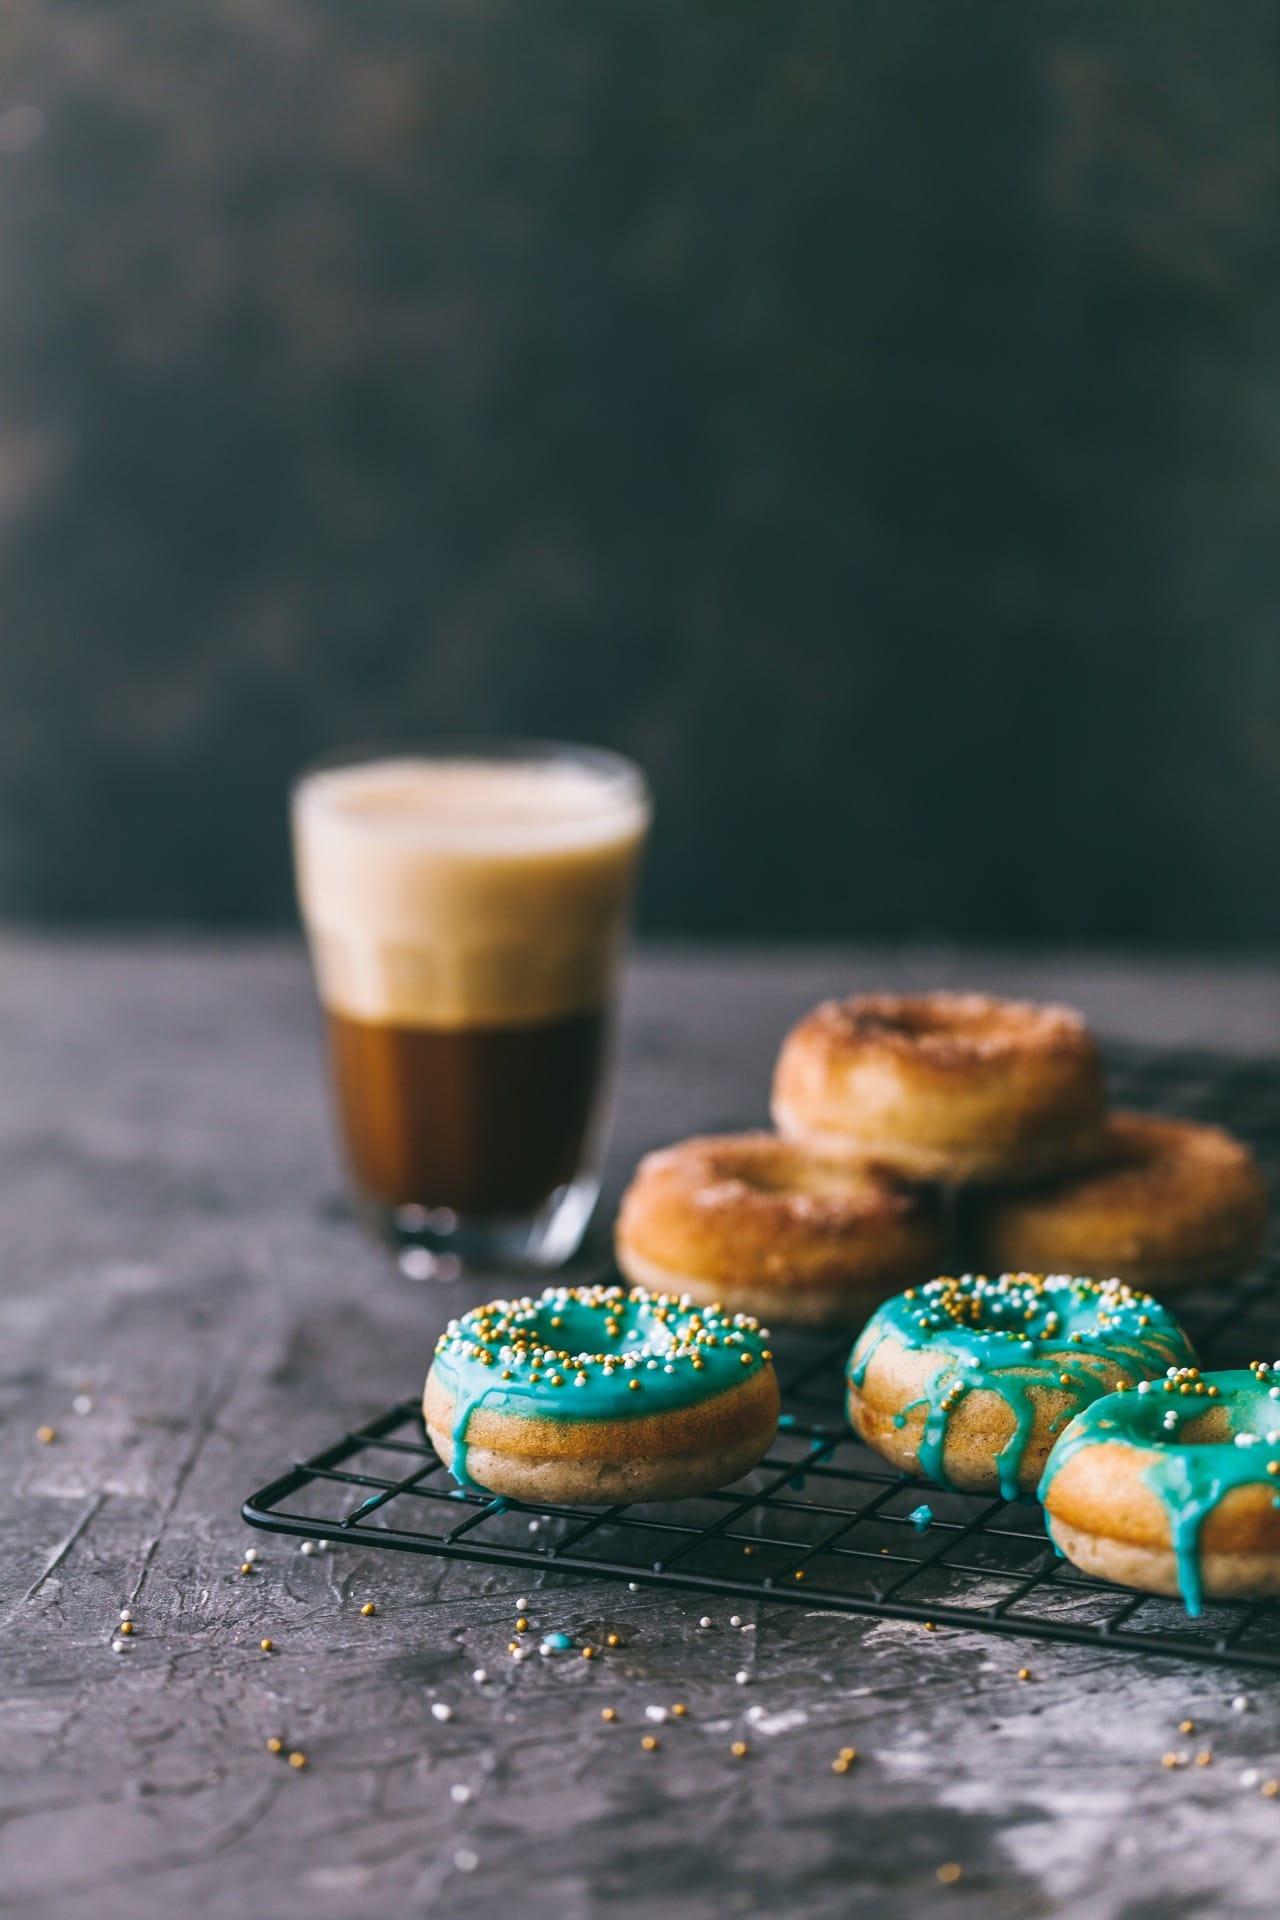 baked donut 01